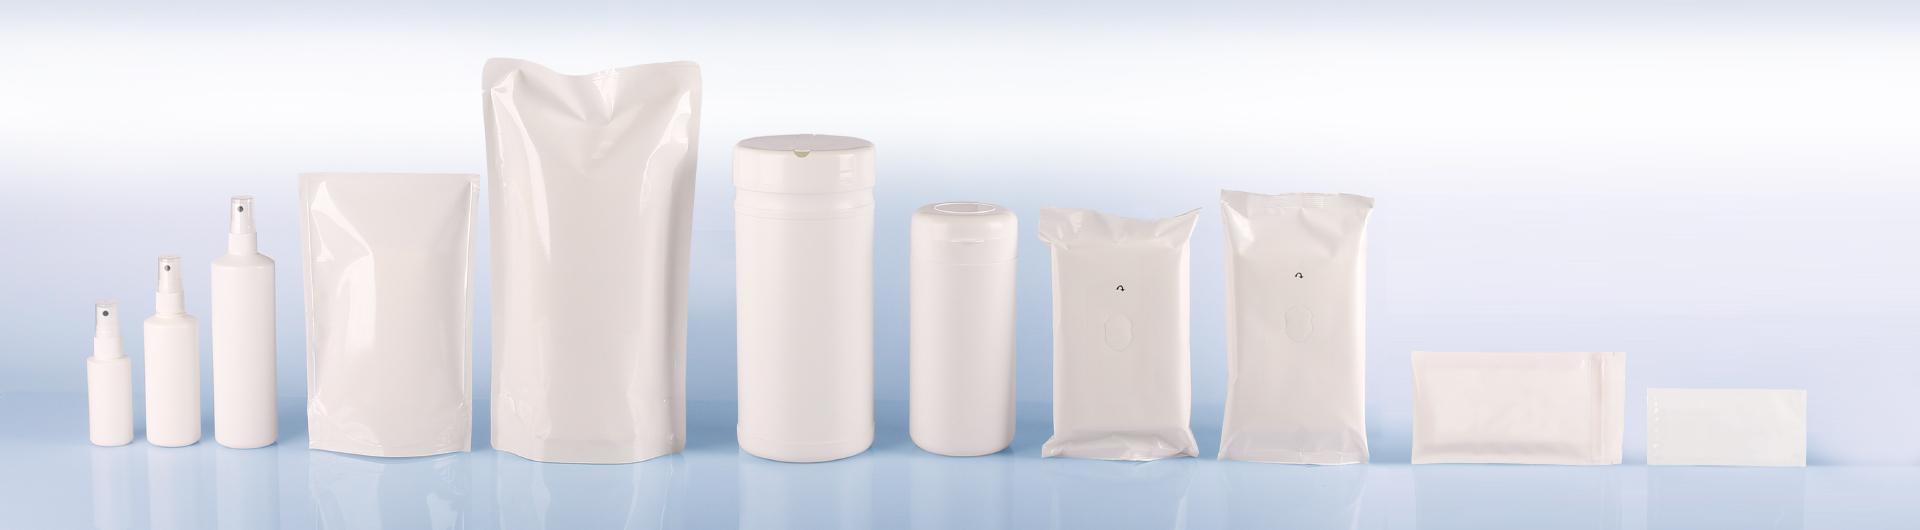 Lohnherstellung und Lohnabfüllung von Sprayflaschen